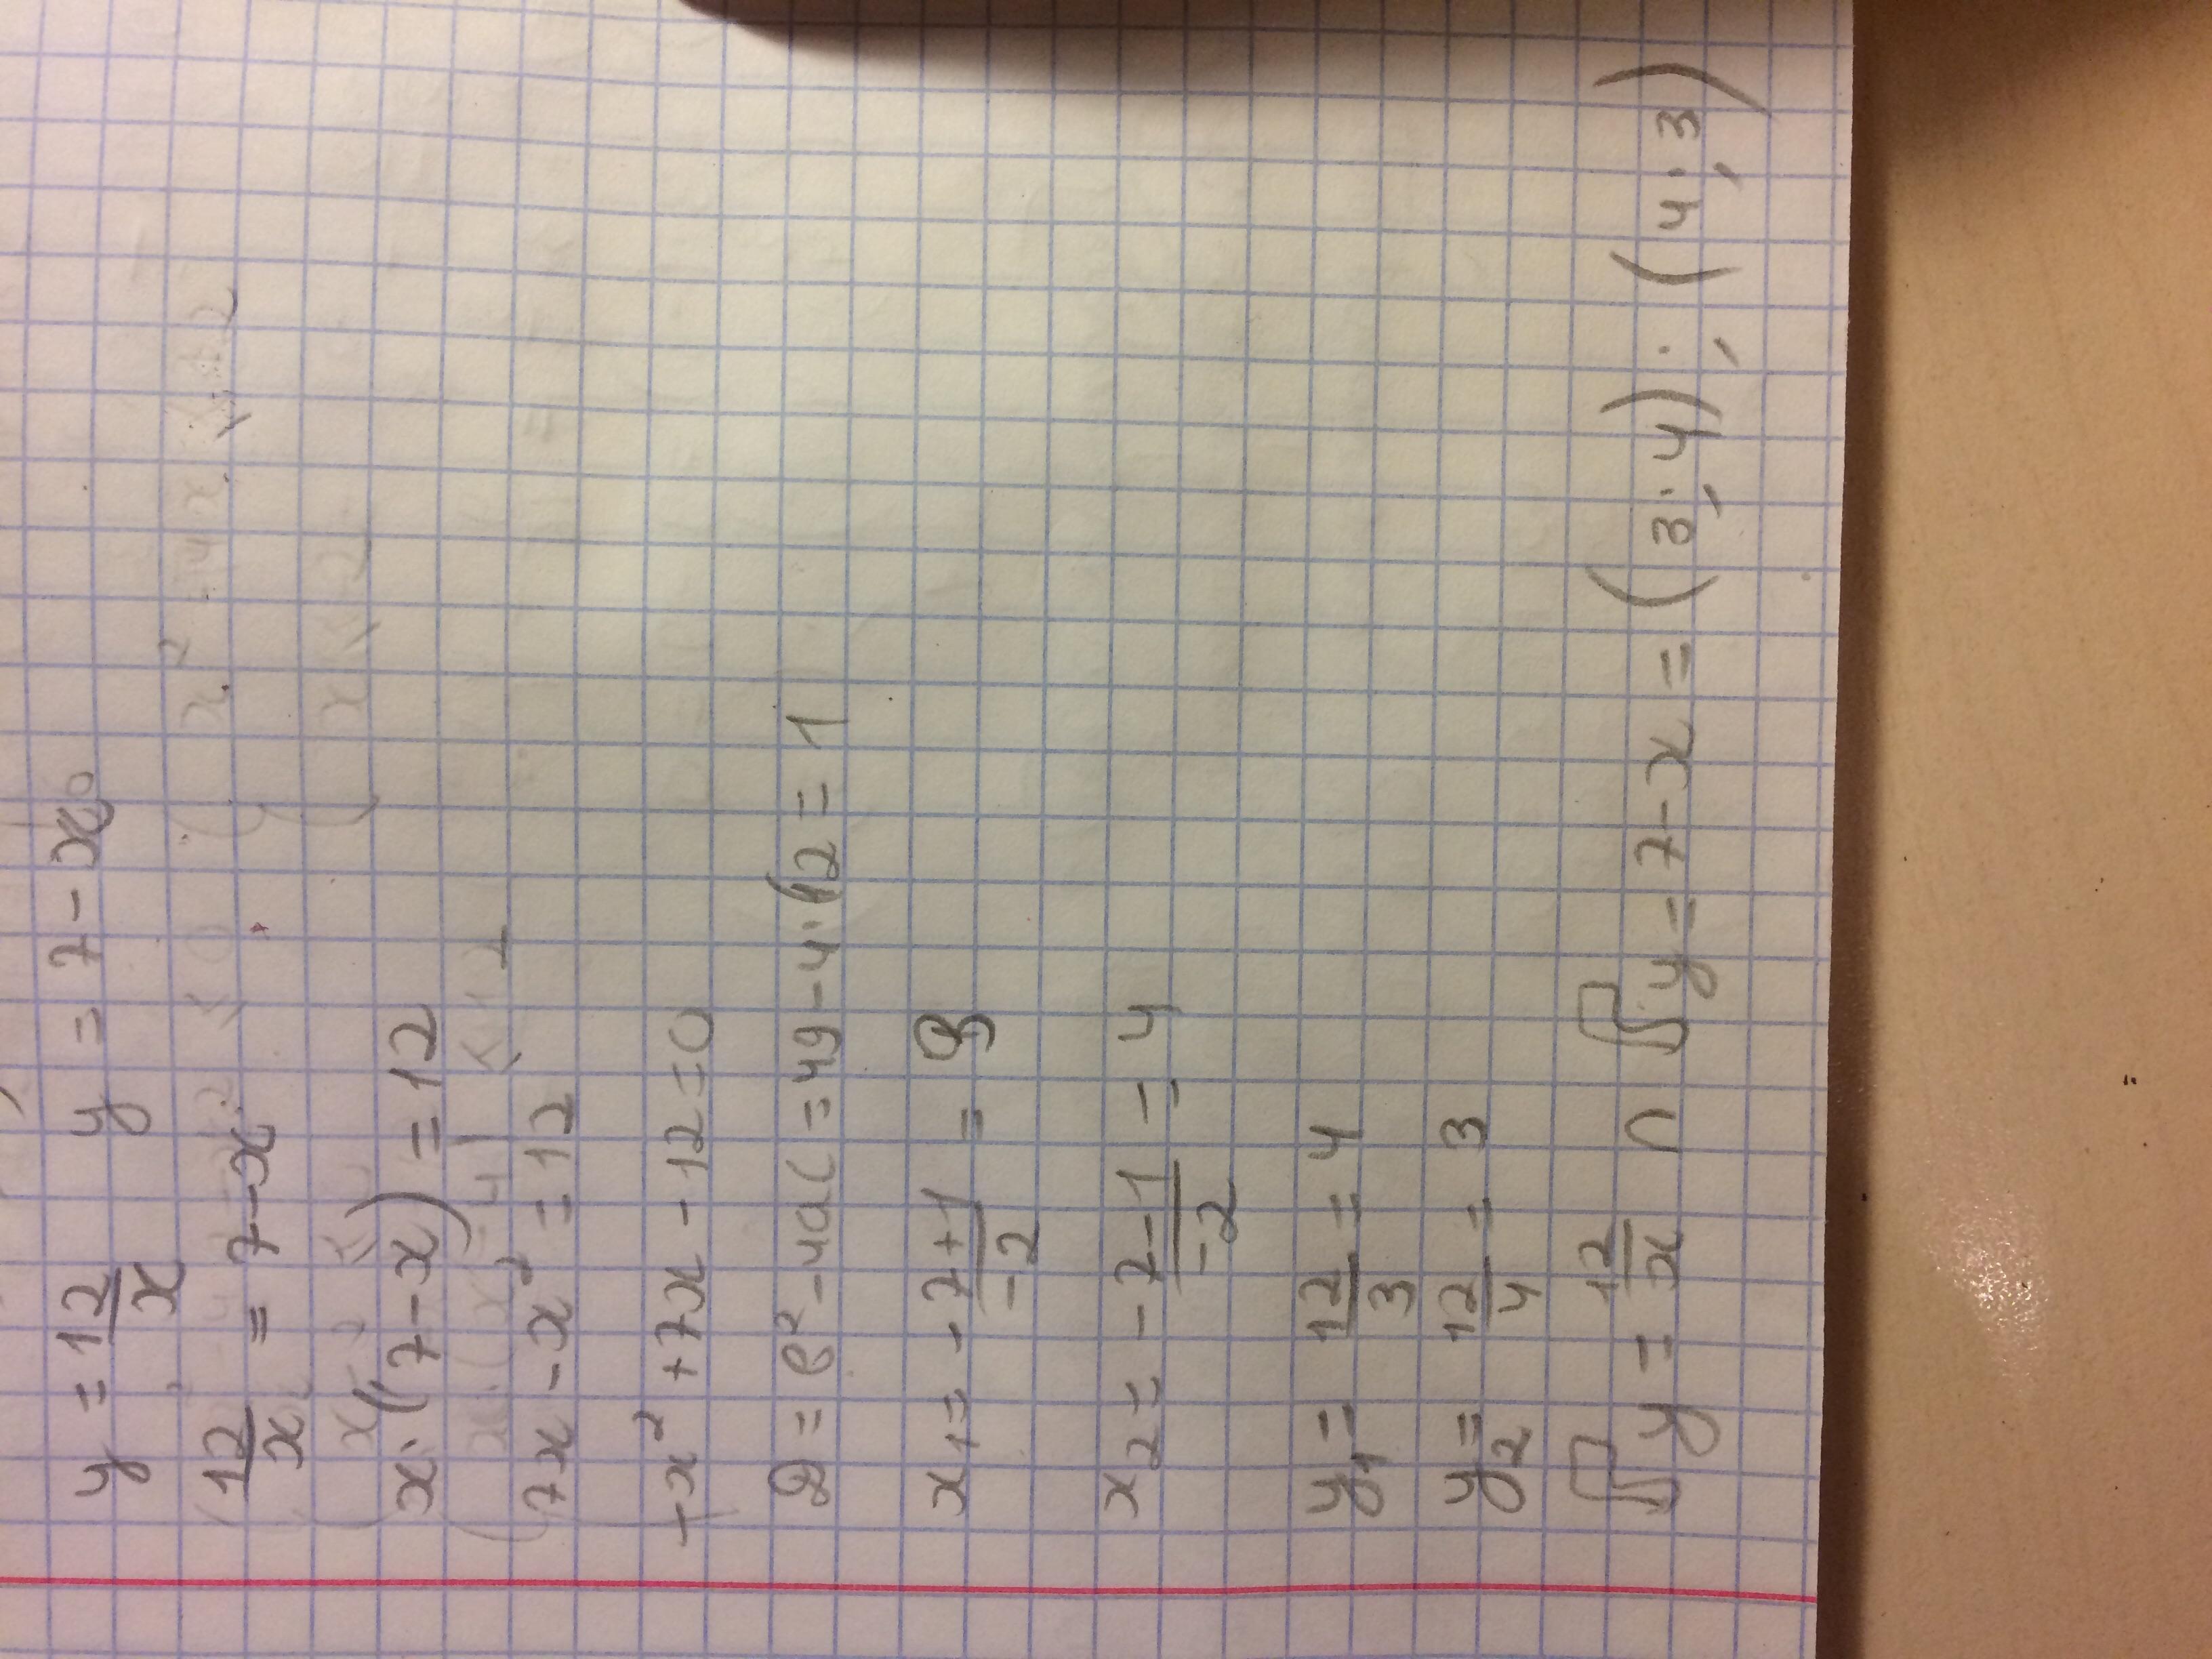 Y=12/x, y=7-x Найти координаты точек пересечения